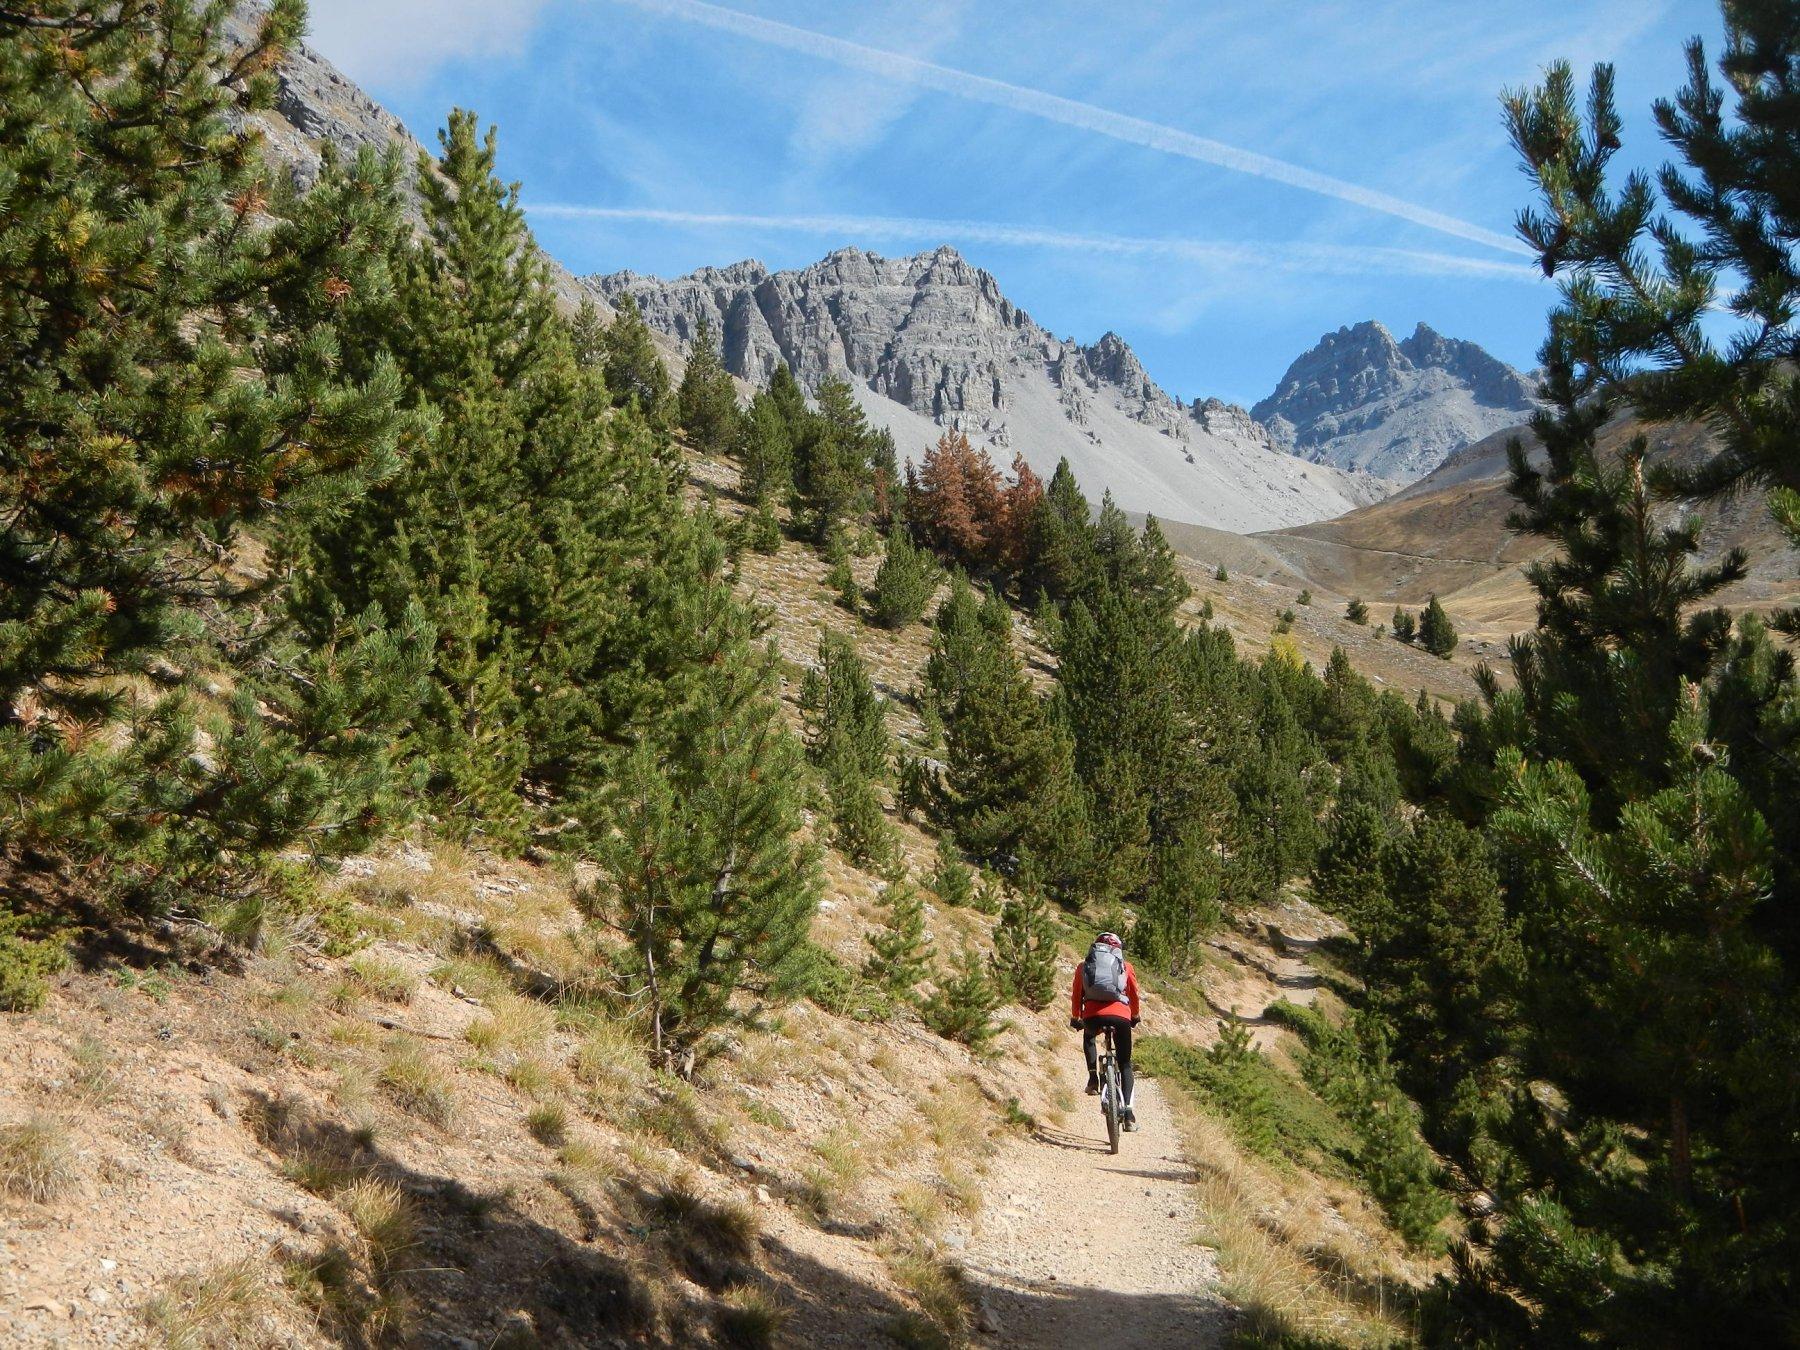 sullo sfondo, a destra, il Pic de Rochebrune